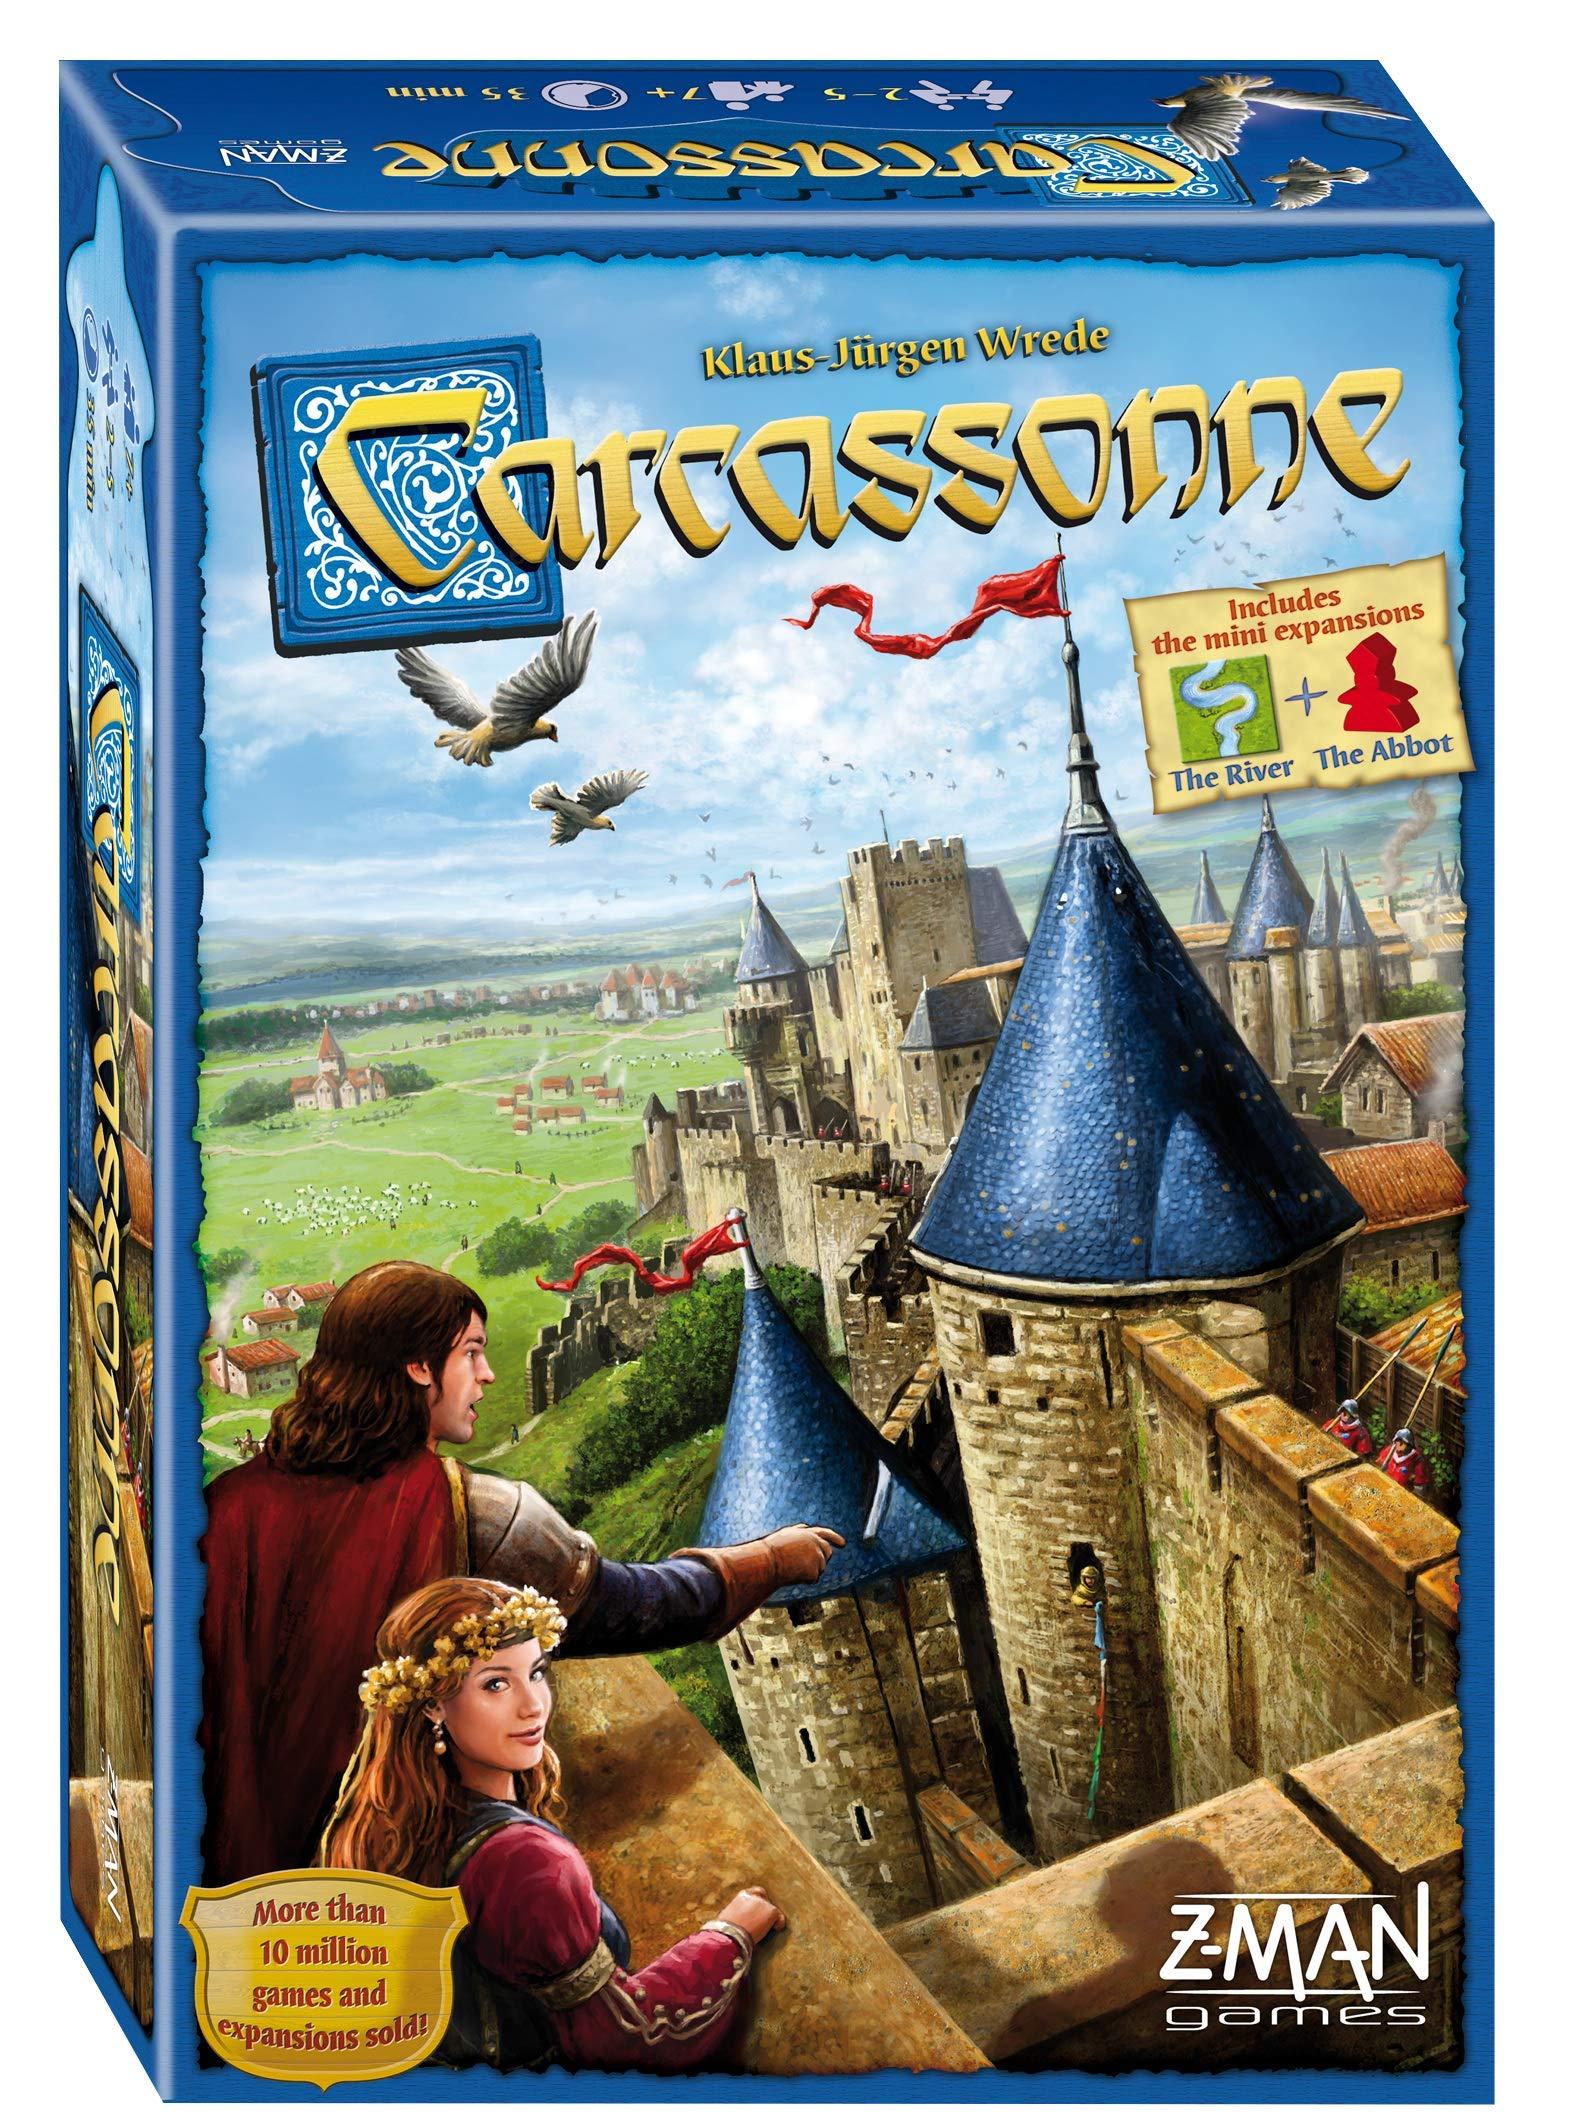 Z-Man Games Juego de Mesa Carcassonne (Idioma español no garantizado): Amazon.es: Juguetes y juegos